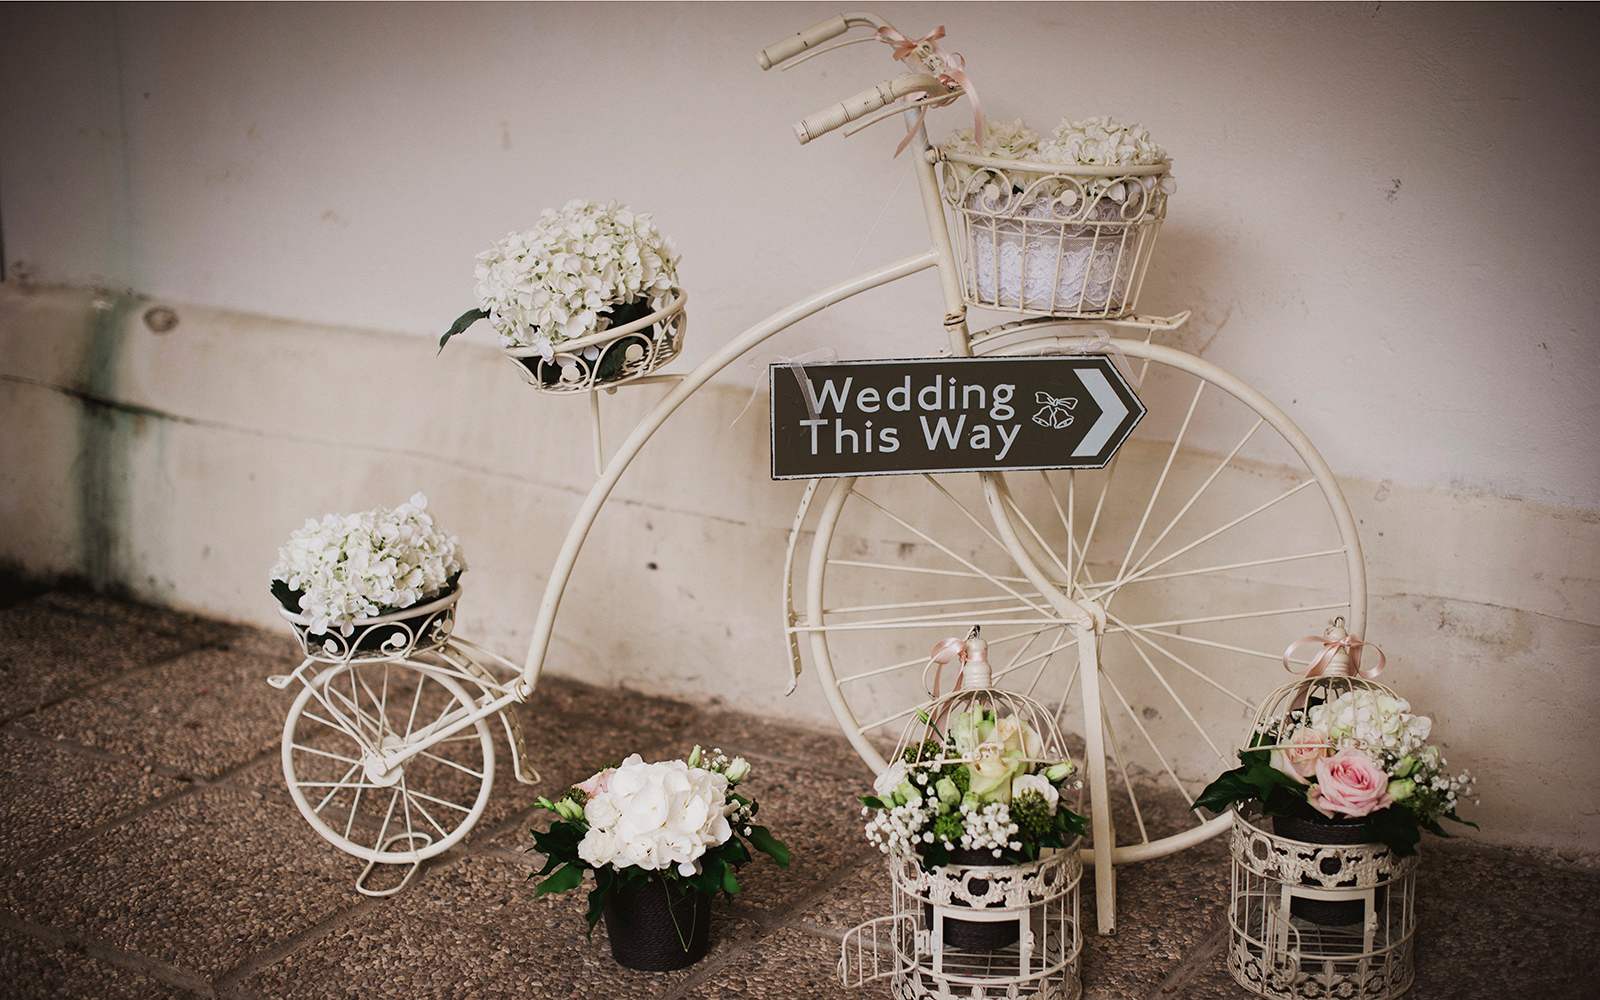 ocation matrimonio Vicenza, location matrimoni Vicenza, location matrimonio Padova , giardino esterno per eventi Vicenza